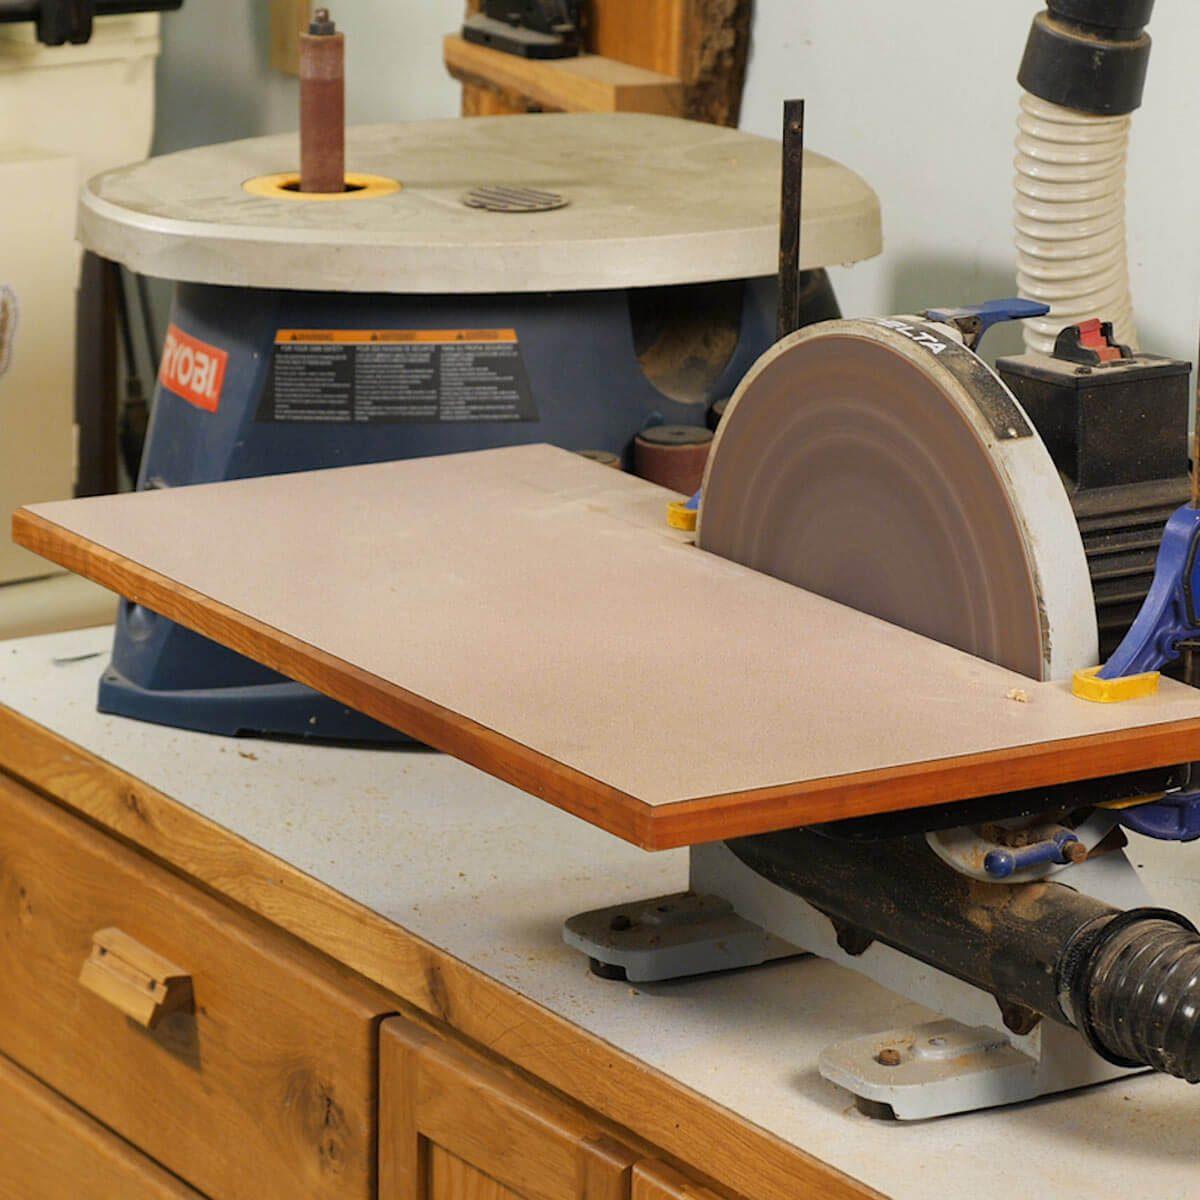 how to make a disk sander extension table mendyl vinyl siding repair kit. Black Bedroom Furniture Sets. Home Design Ideas